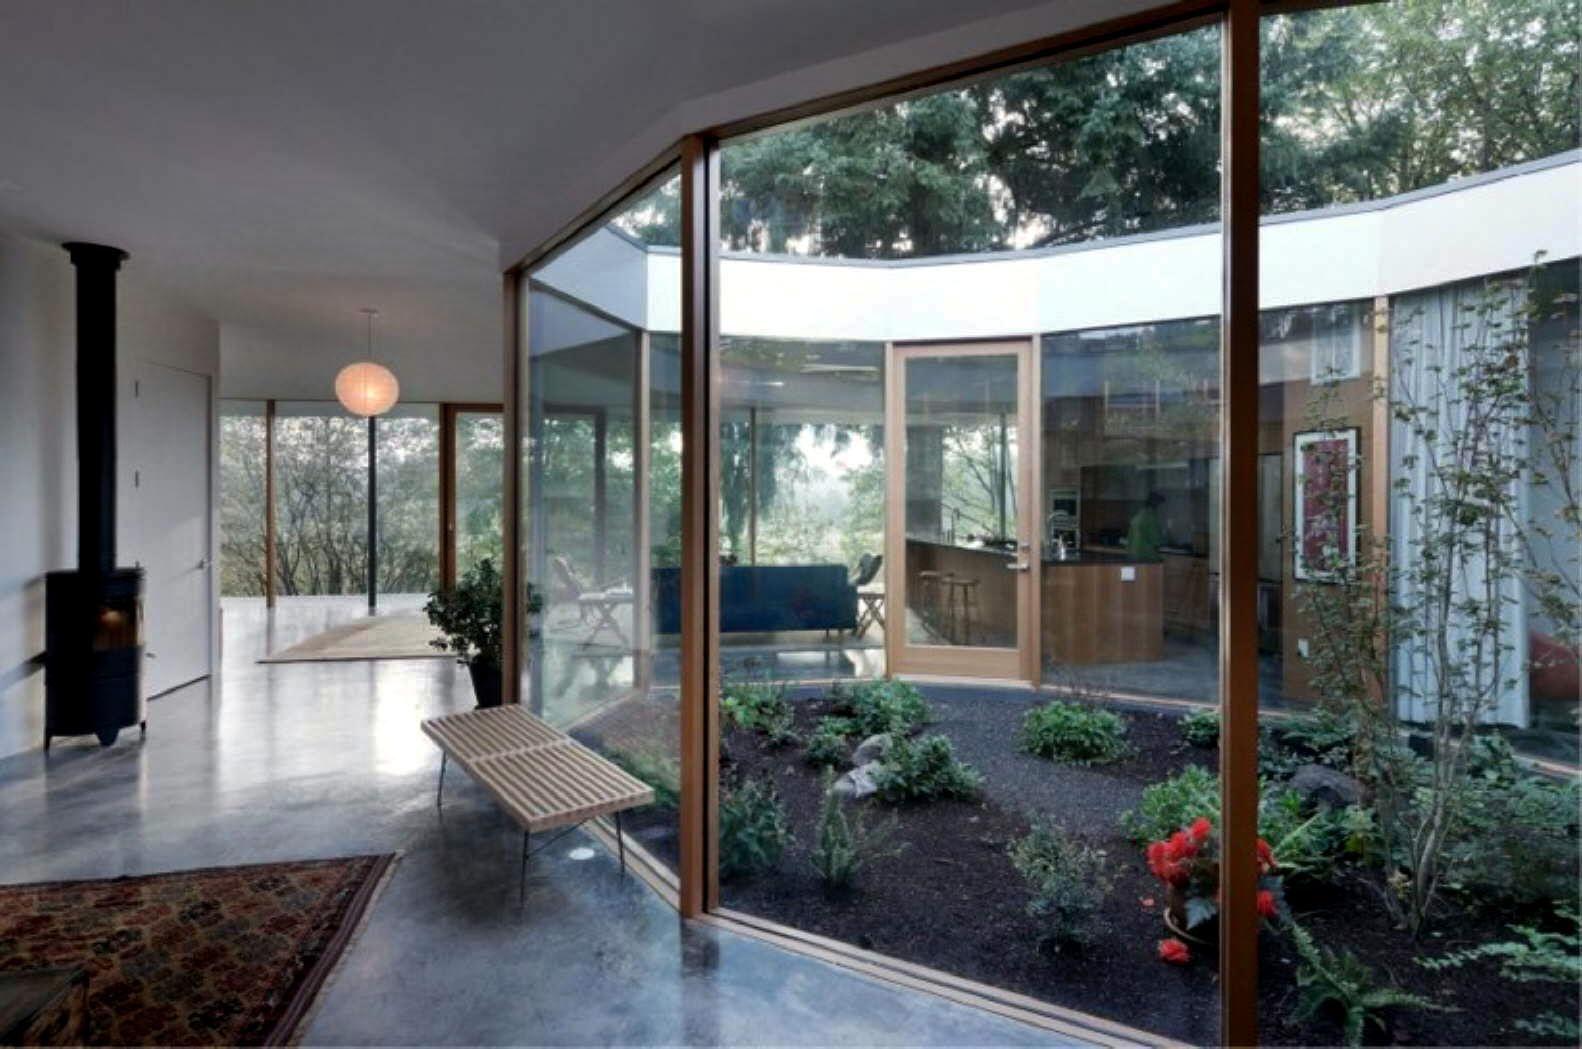 Resultado de imagen de casa con patio interior casa con for Planos de casas con patio interior